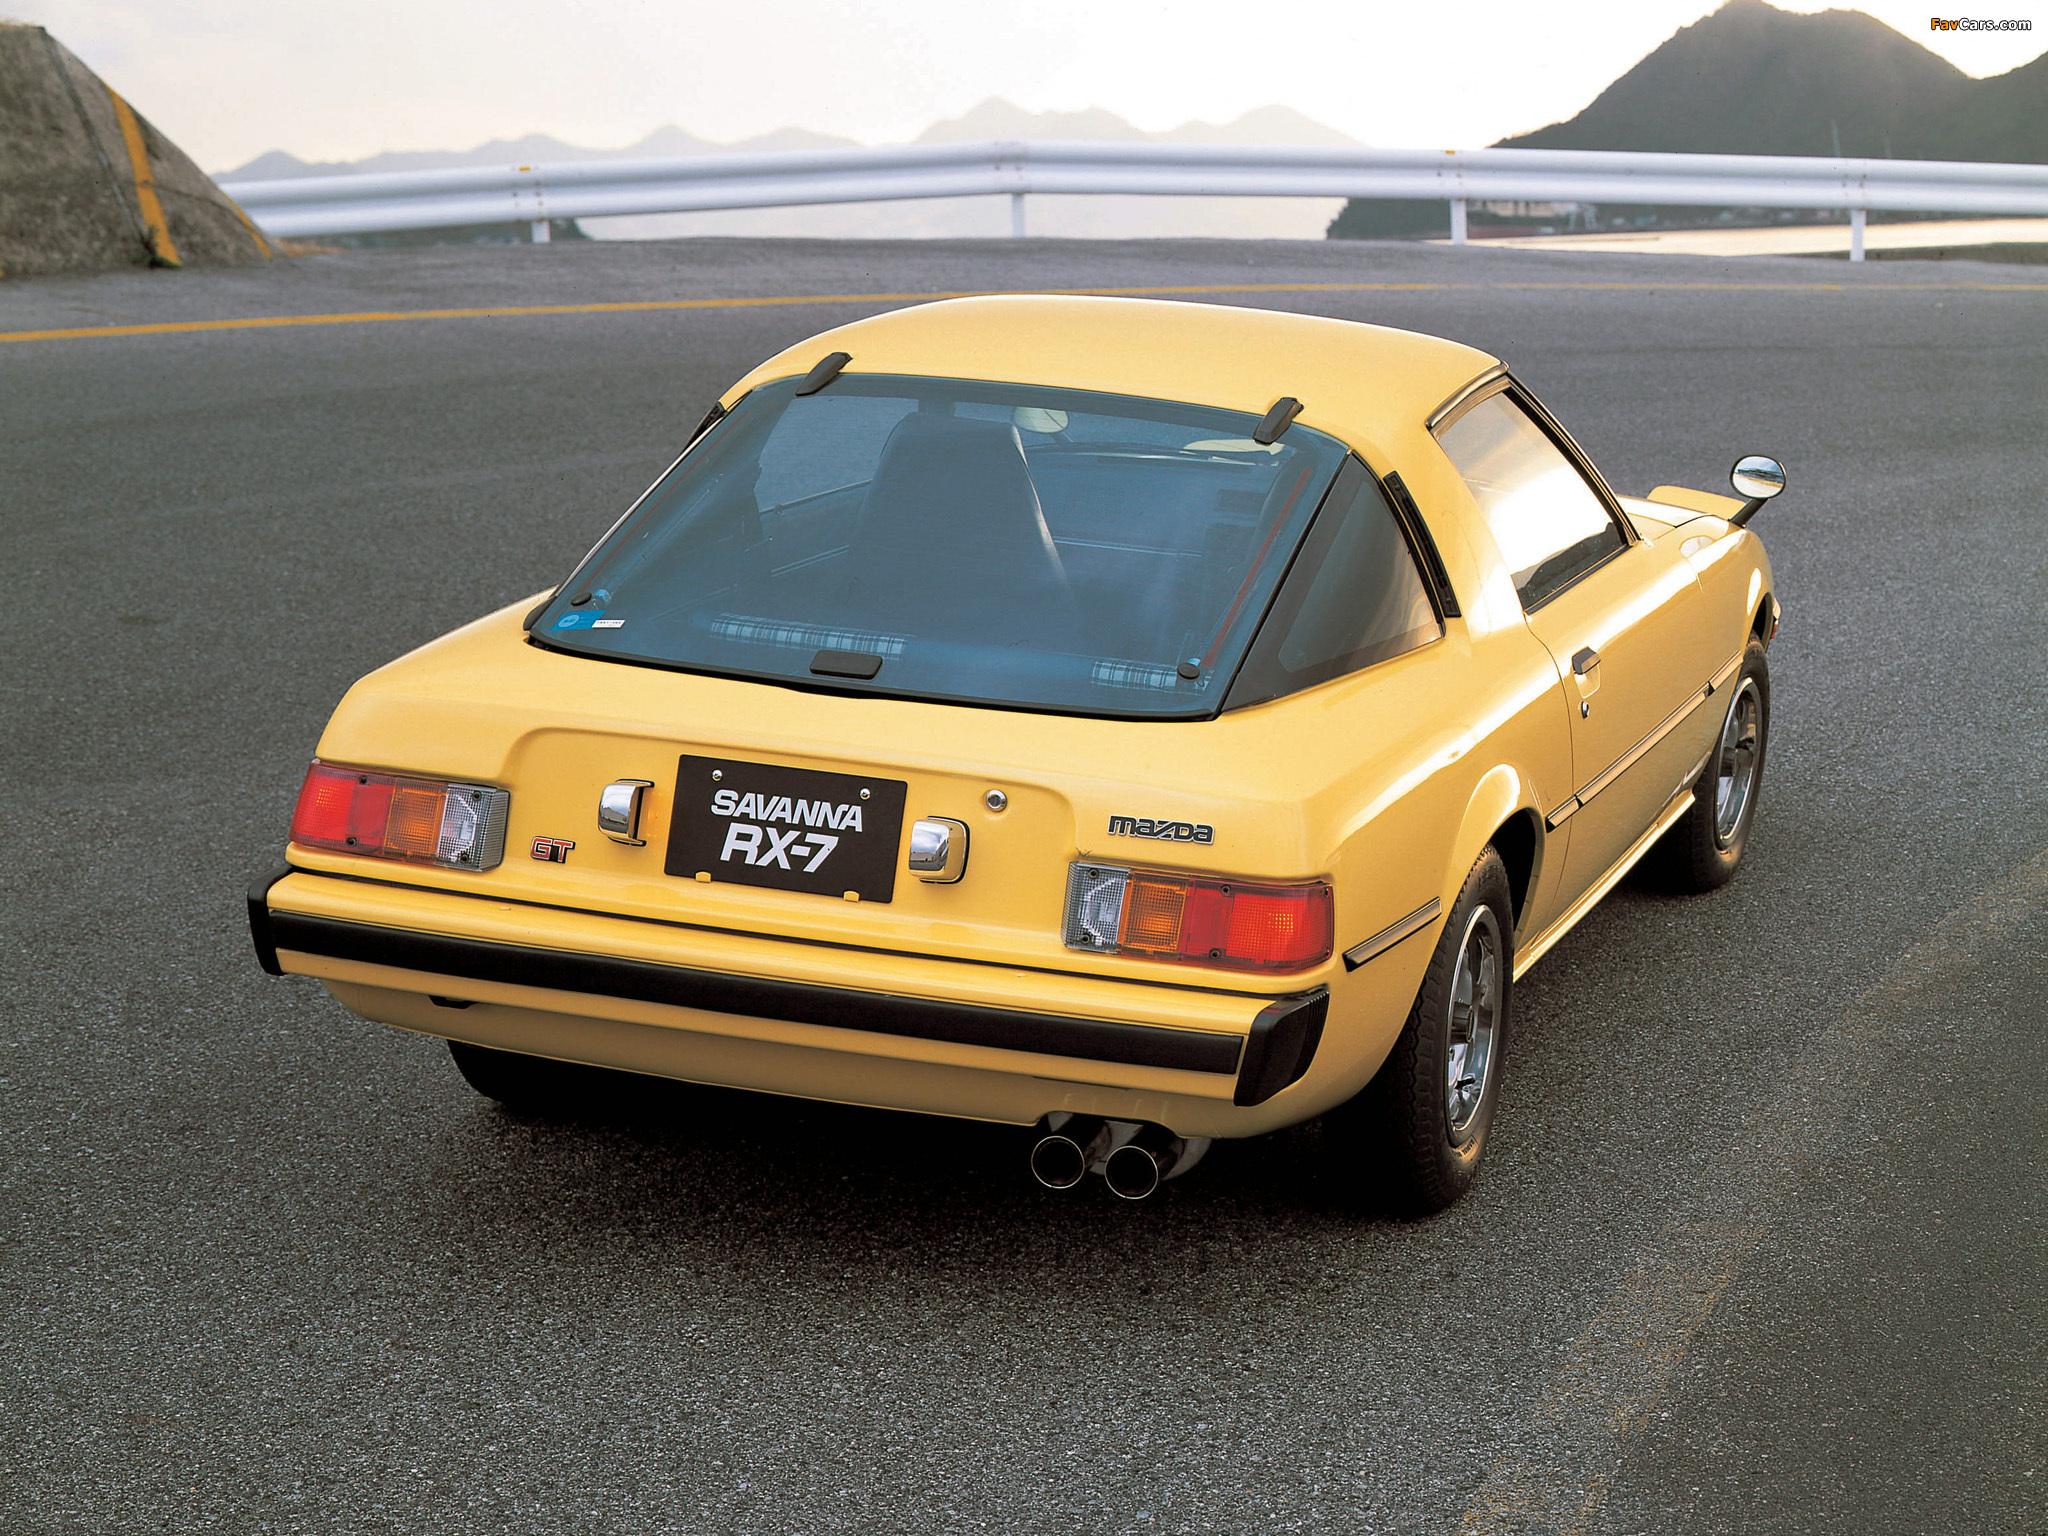 Wallpapers 1024x768 Cars Mazda Savanna Rx 7 Sa 1978 81 Wallpapers 2048x1536